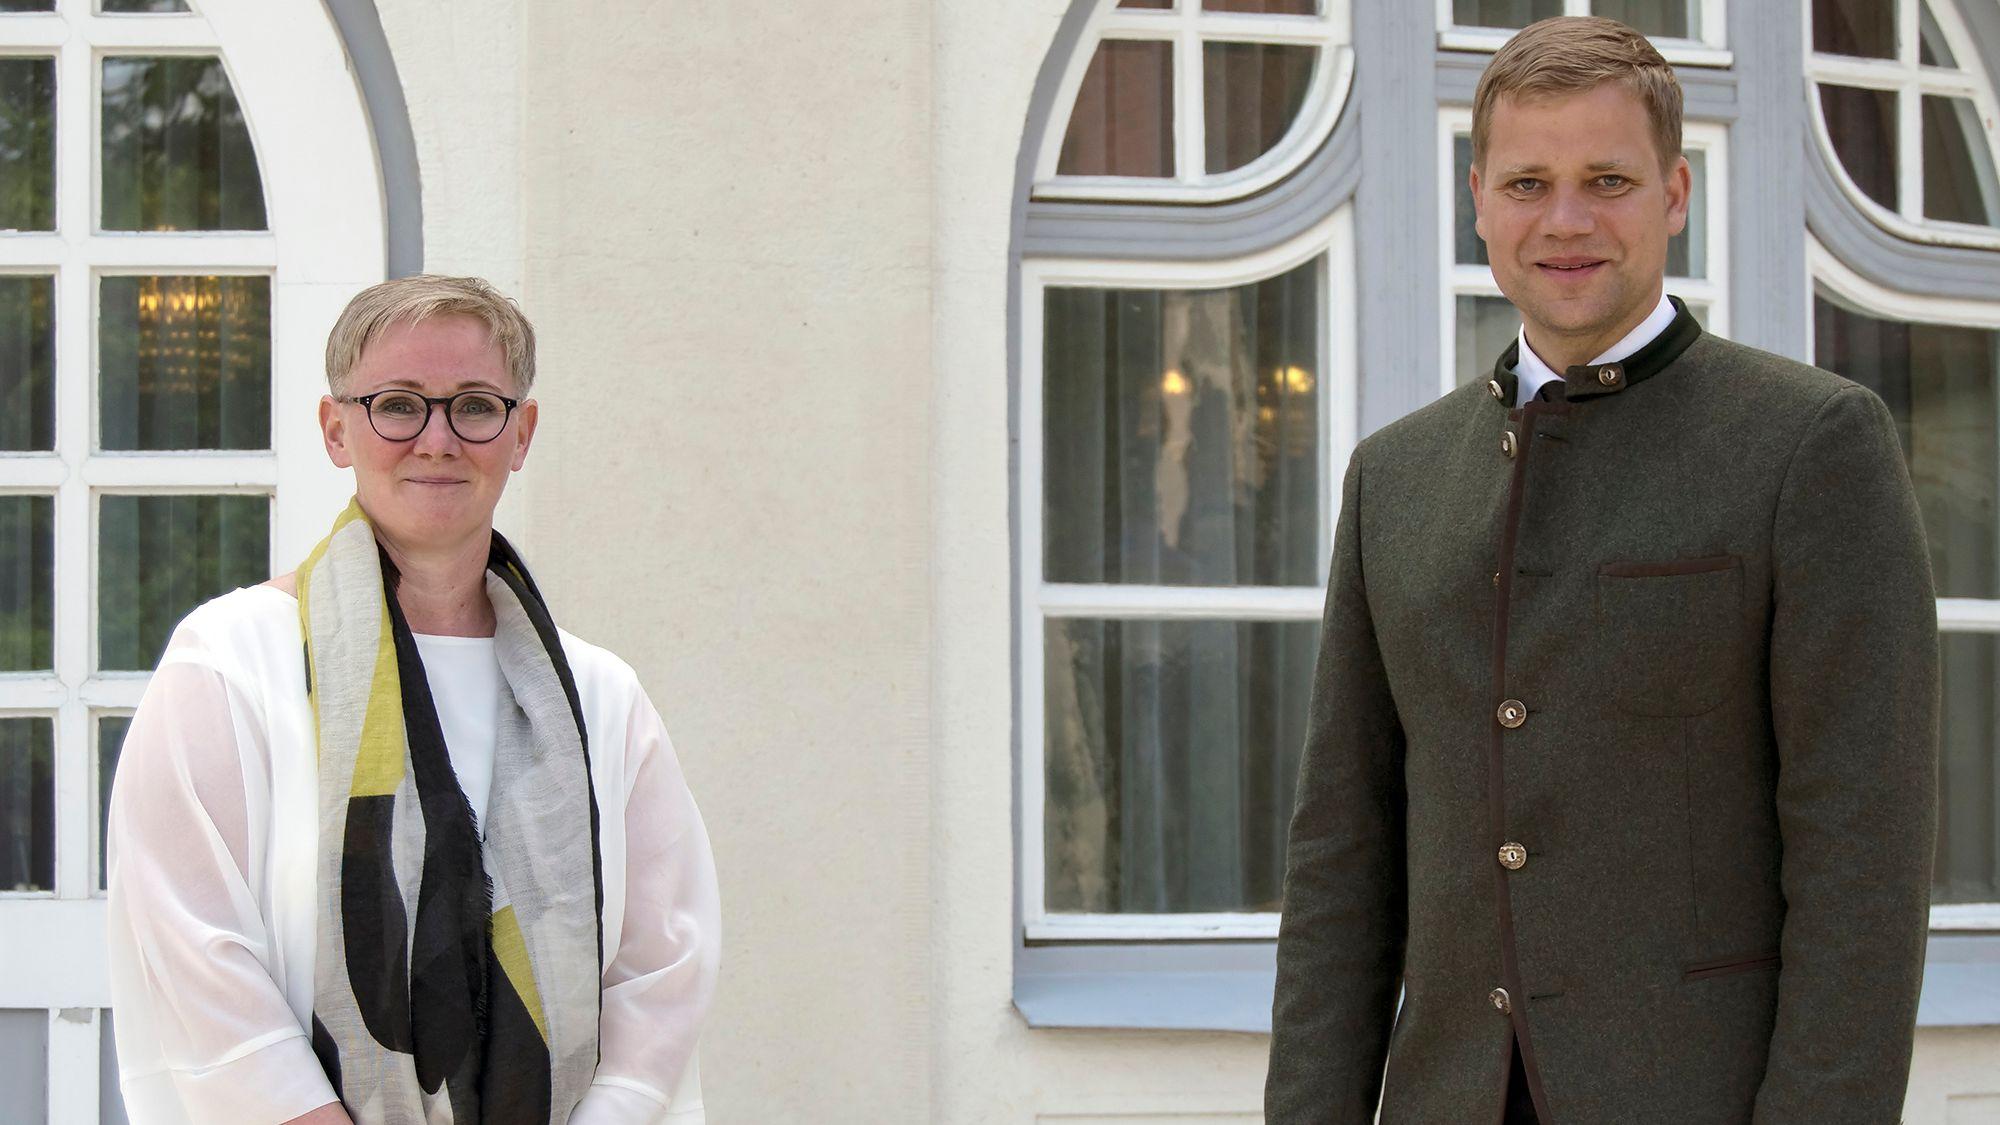 Bezirkstagspräsident Dr. Olaf Heinrich und die neue Chefärztin Dr. Tanja Hochegger